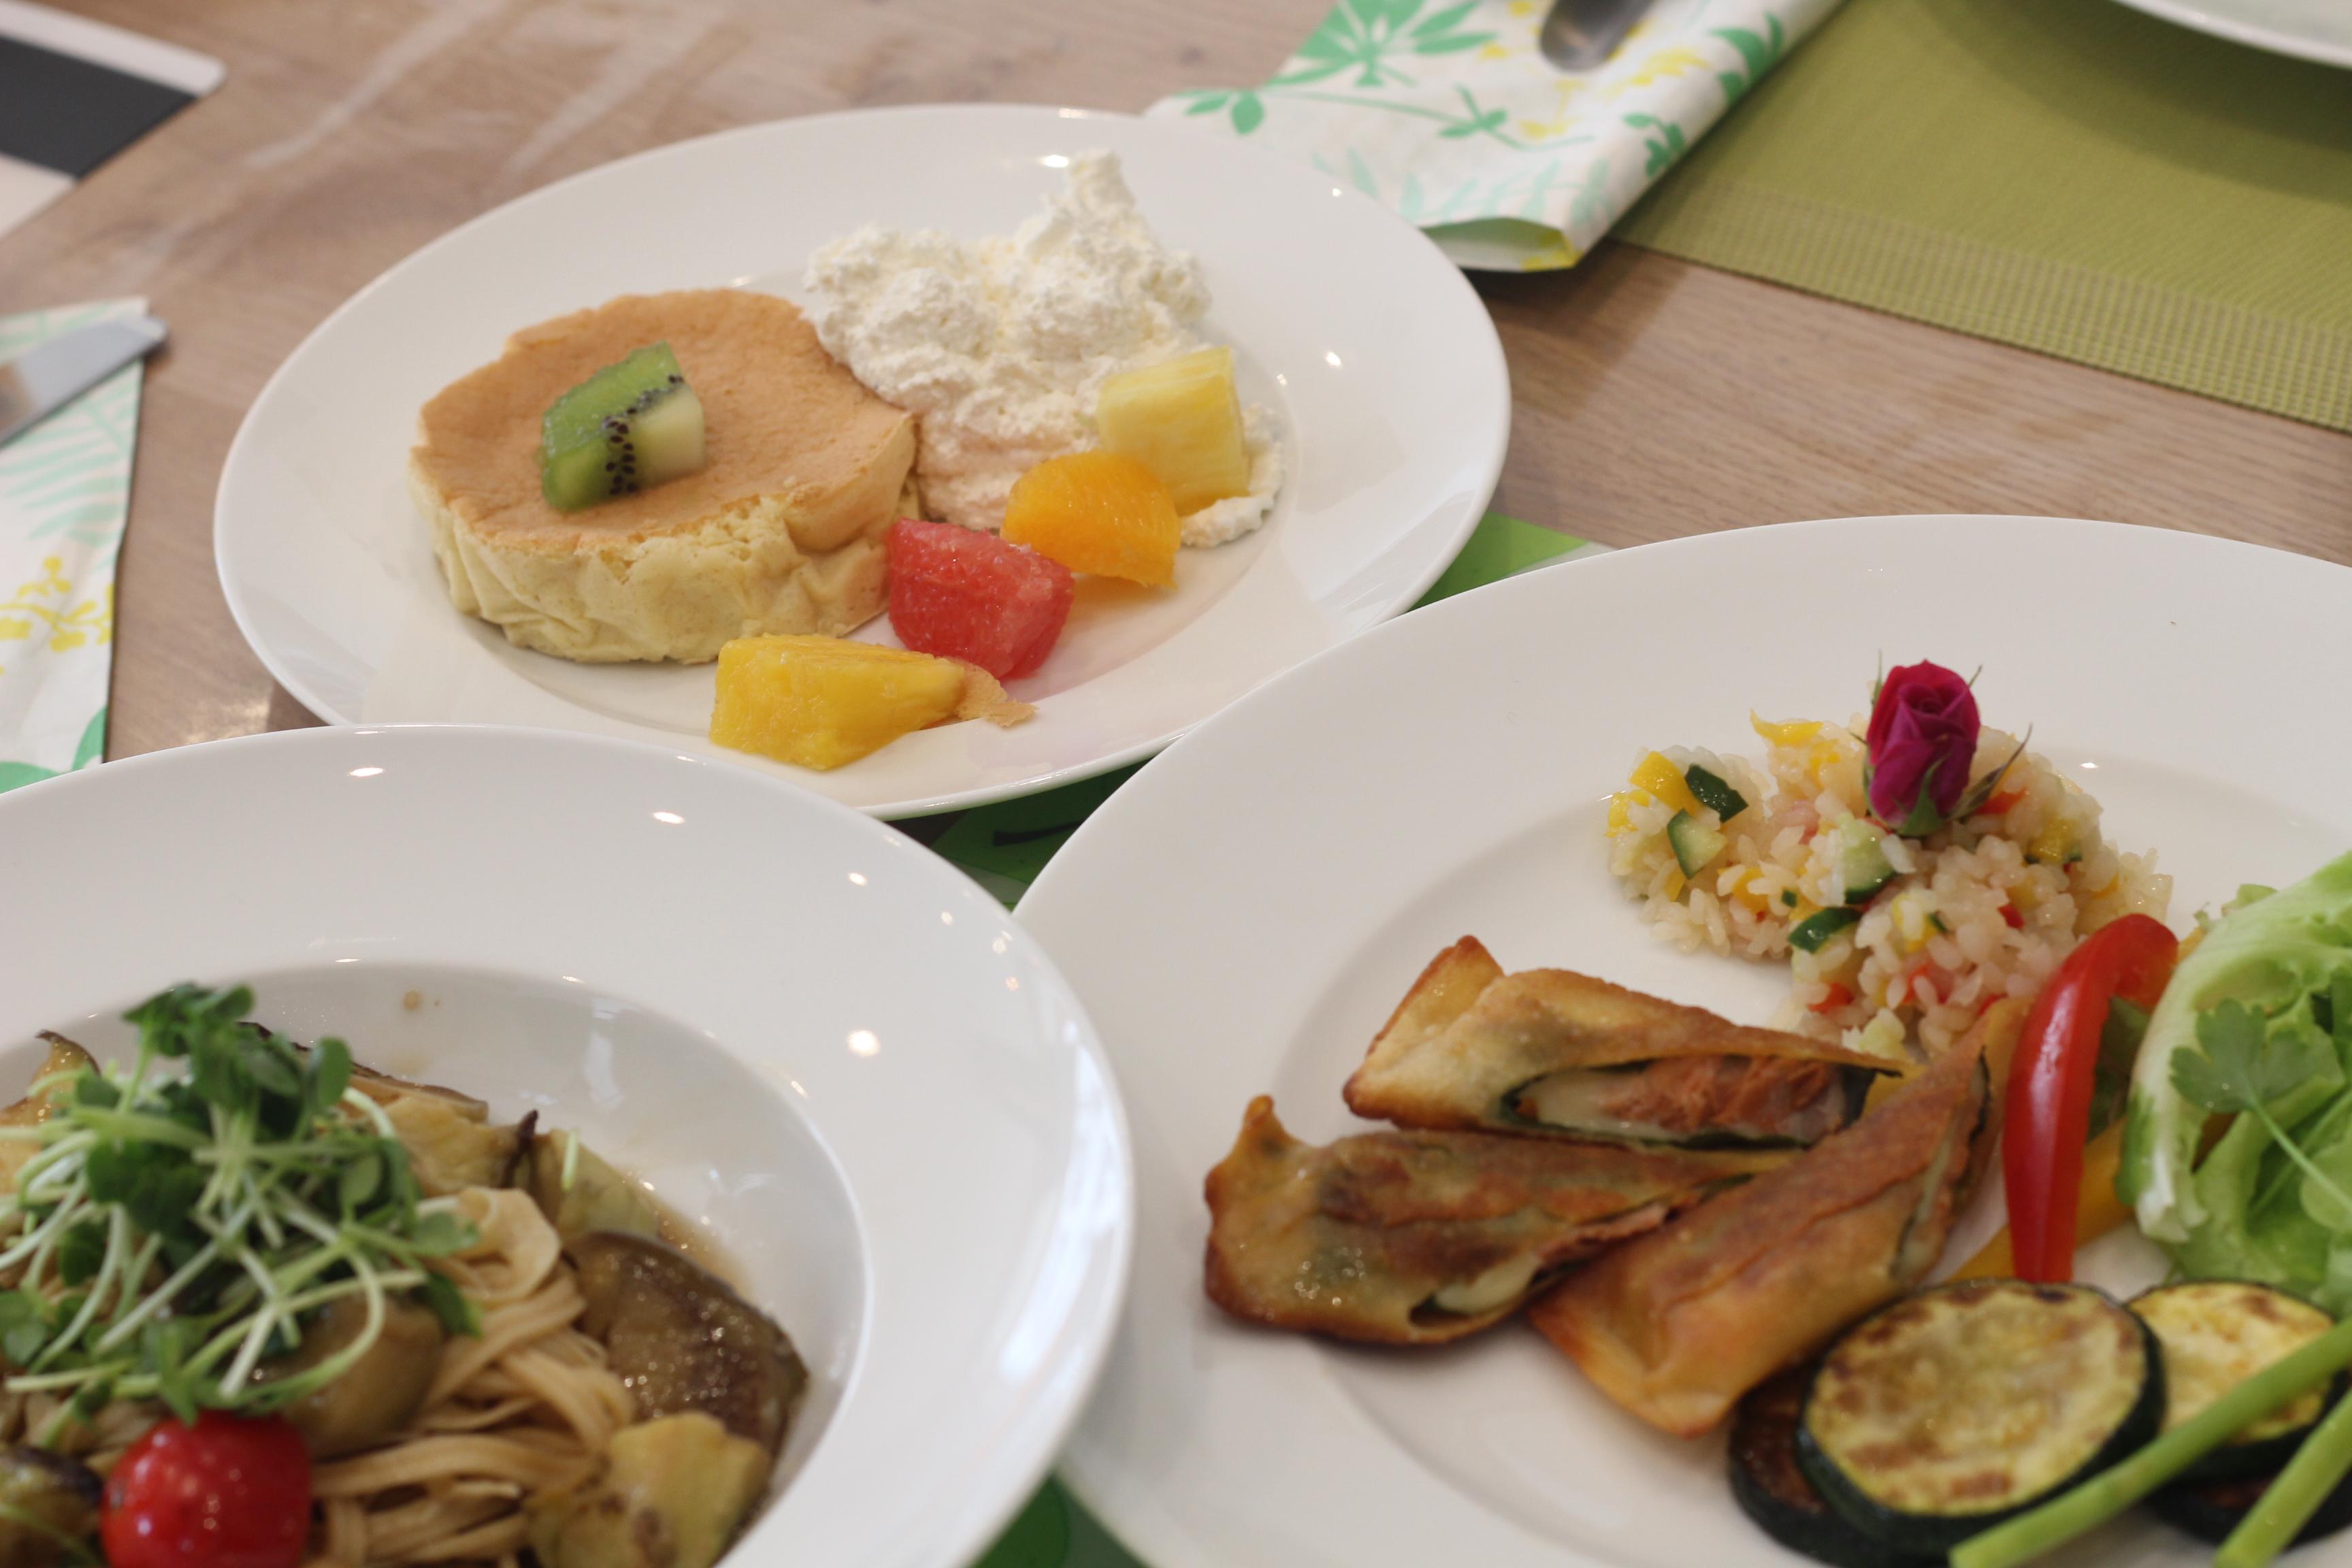 京都江部粉麺ミックスレッスン。a-ta-sanre糖質製塩パン料理教室、阿倍野区西田辺。今日の講習は、阿倍野区みんなのLDKです。